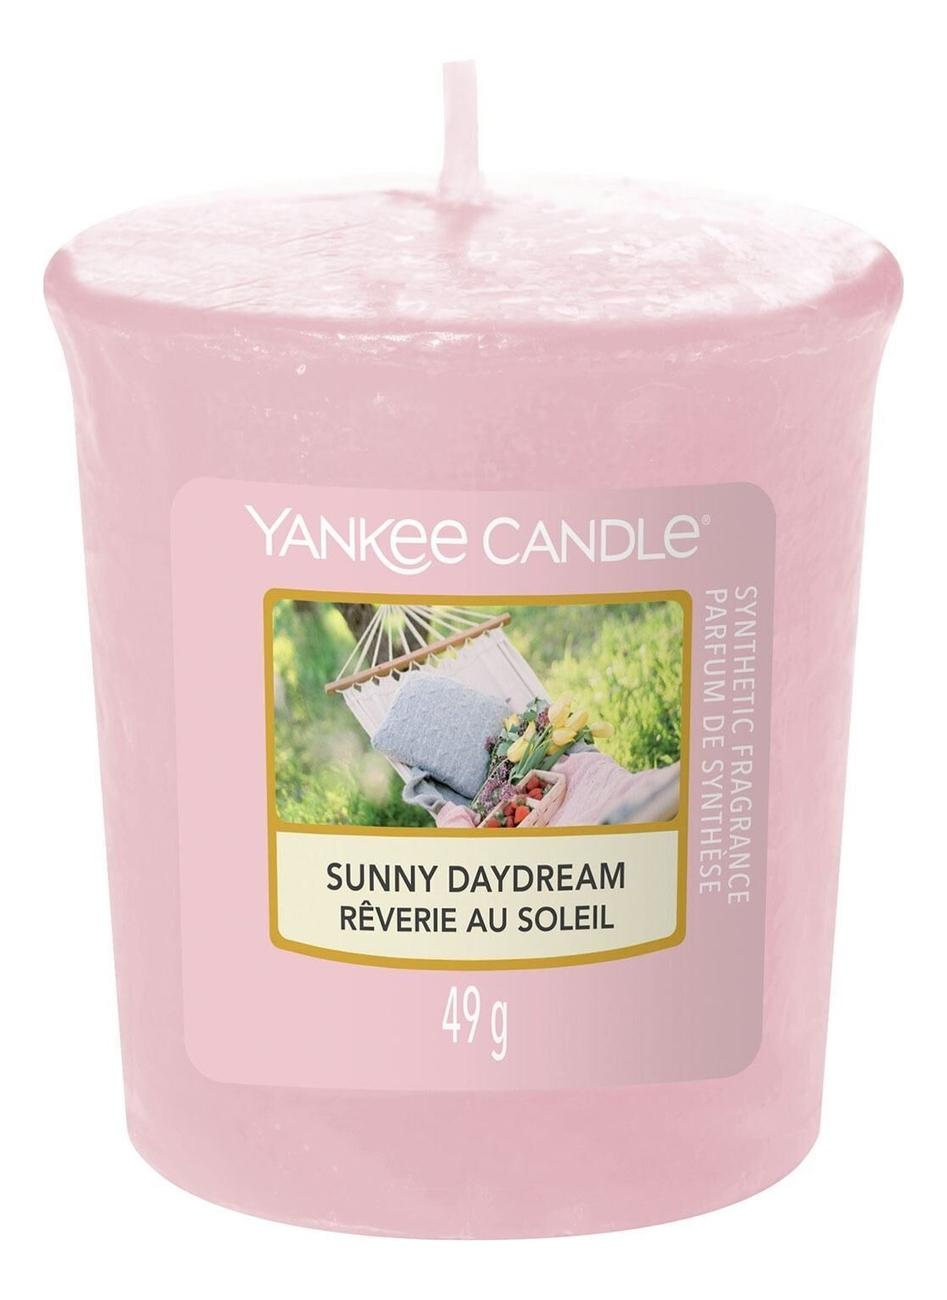 Купить Ароматическая свеча Sunny Daydream: Свеча 49г, Yankee Candle